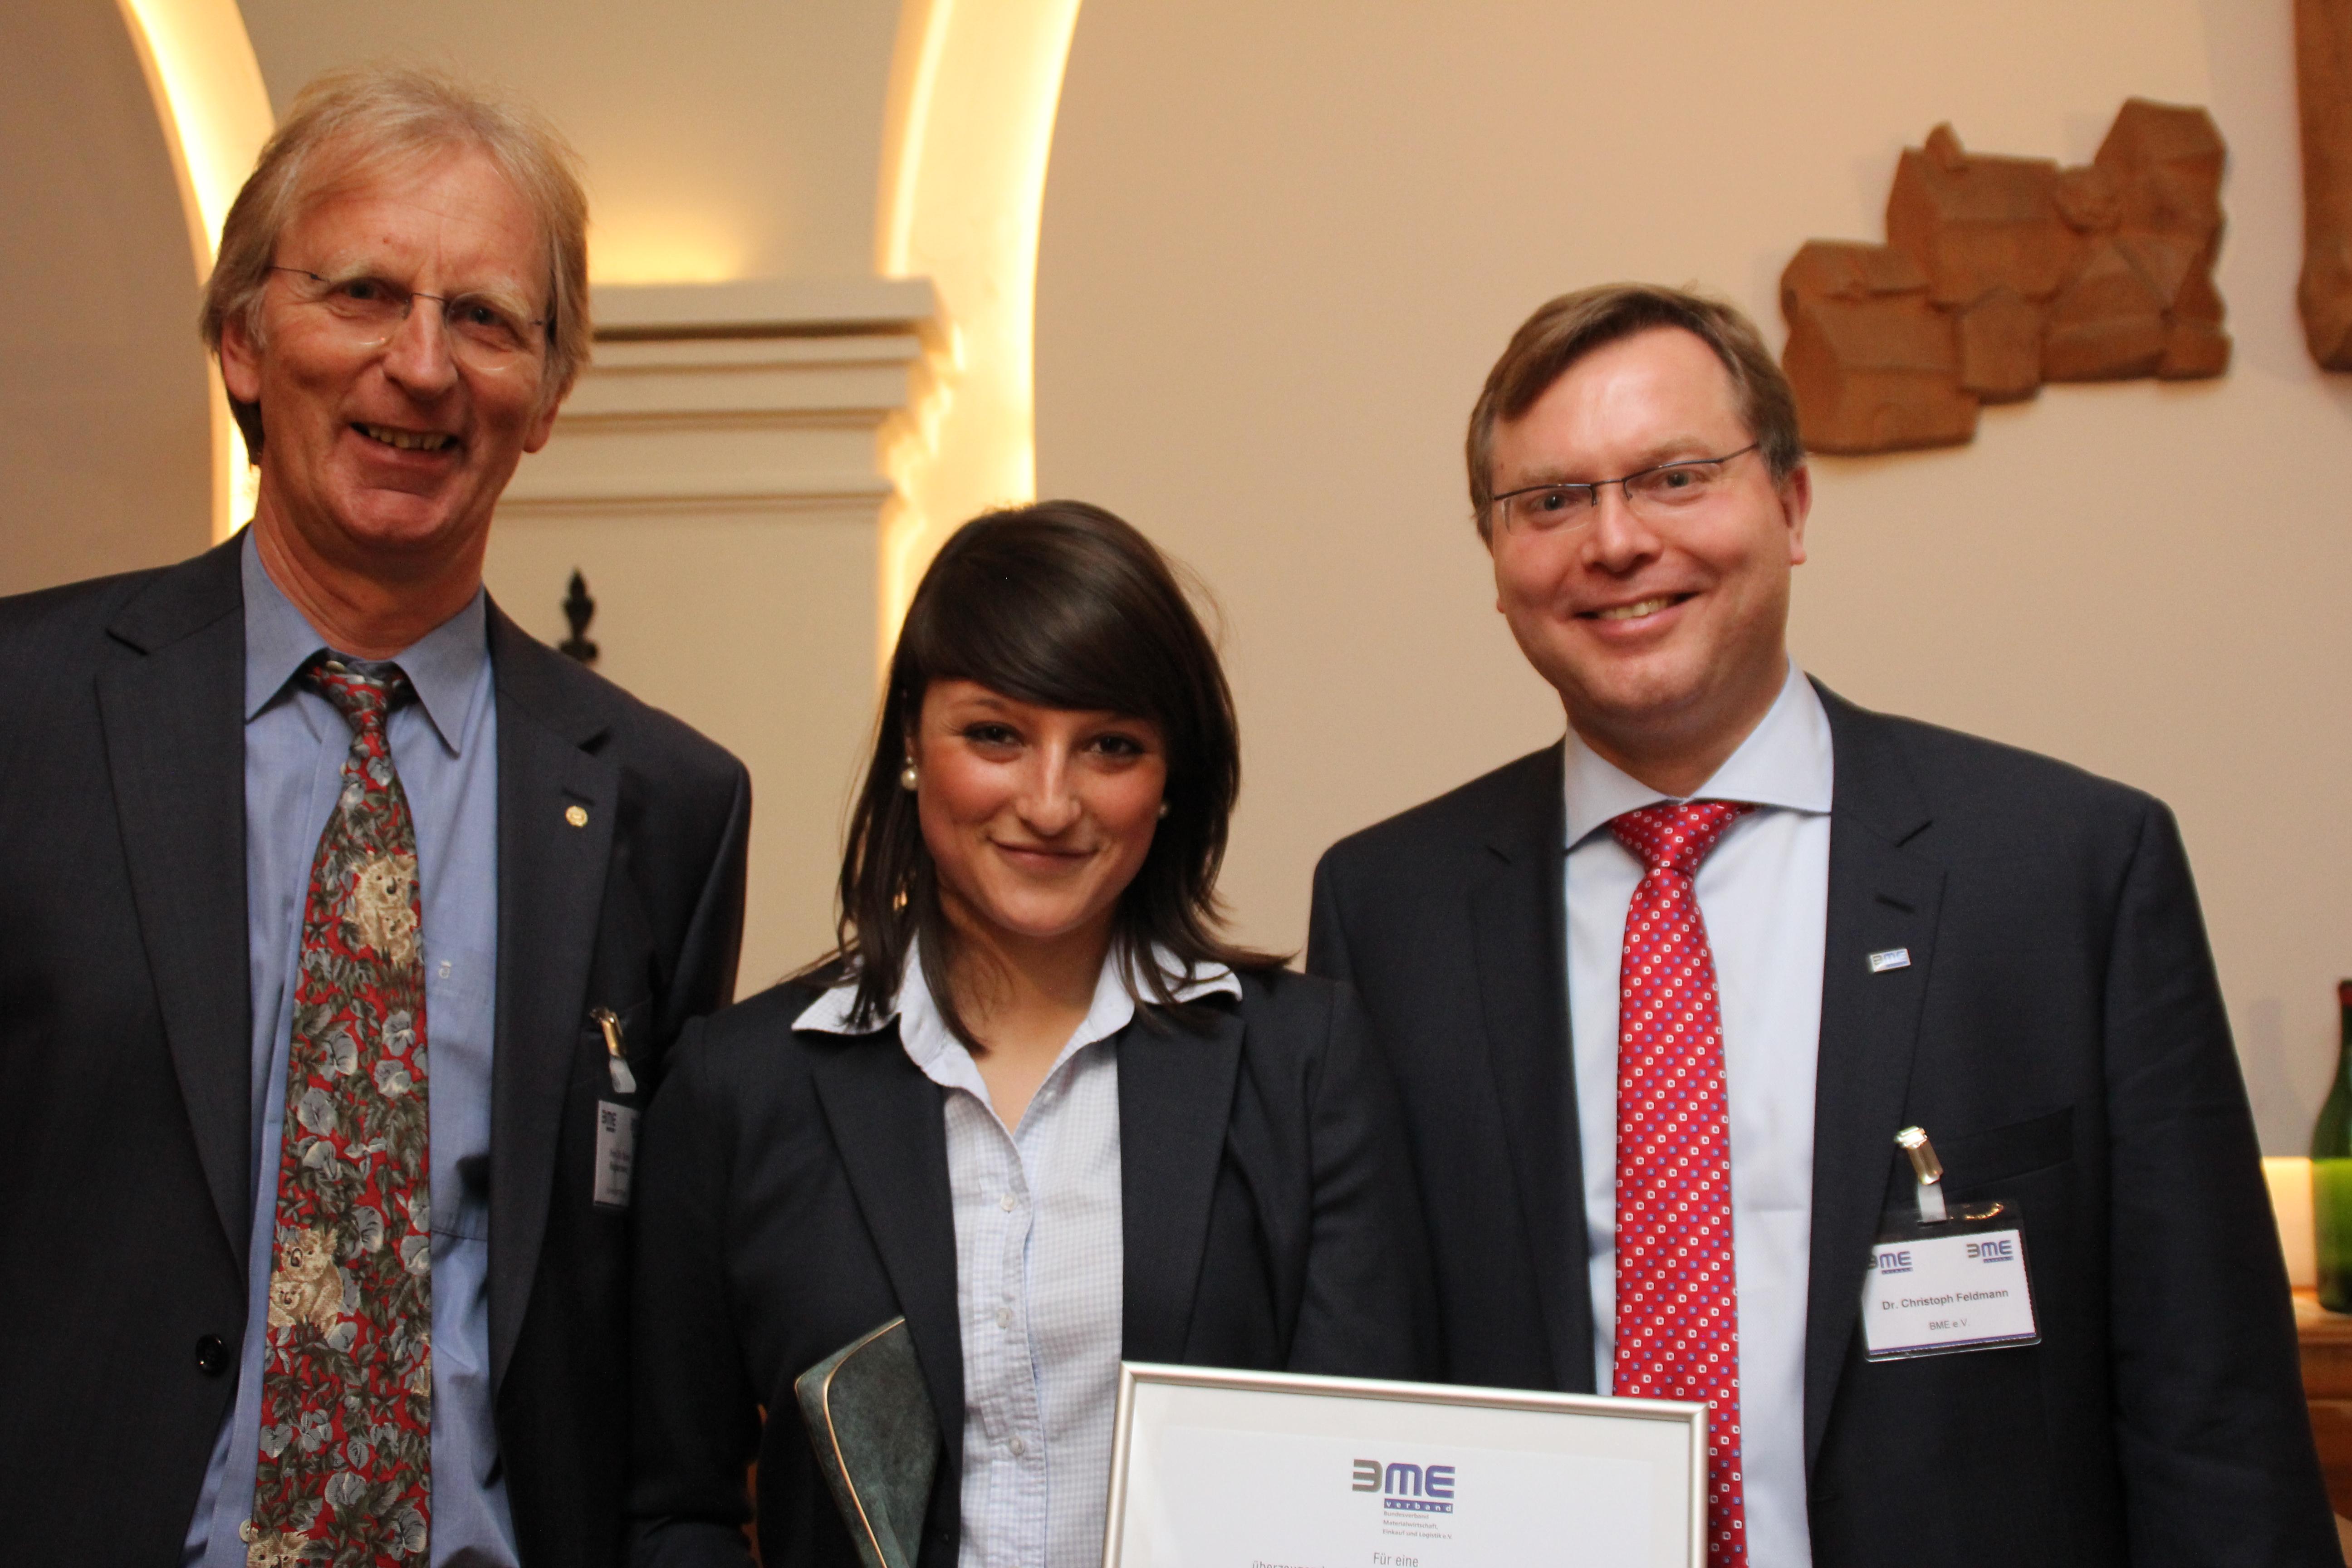 Prof. Dr. Ronald Bogaschewsky (Mitglied des wissenschaftlichen Beirats des BME-Bundesvorstands), Melissa Skender (FH Münster) und BME-Hauptgeschäftsführer Dr. Christoph Feldmann. (Foto: Ursel/BME)